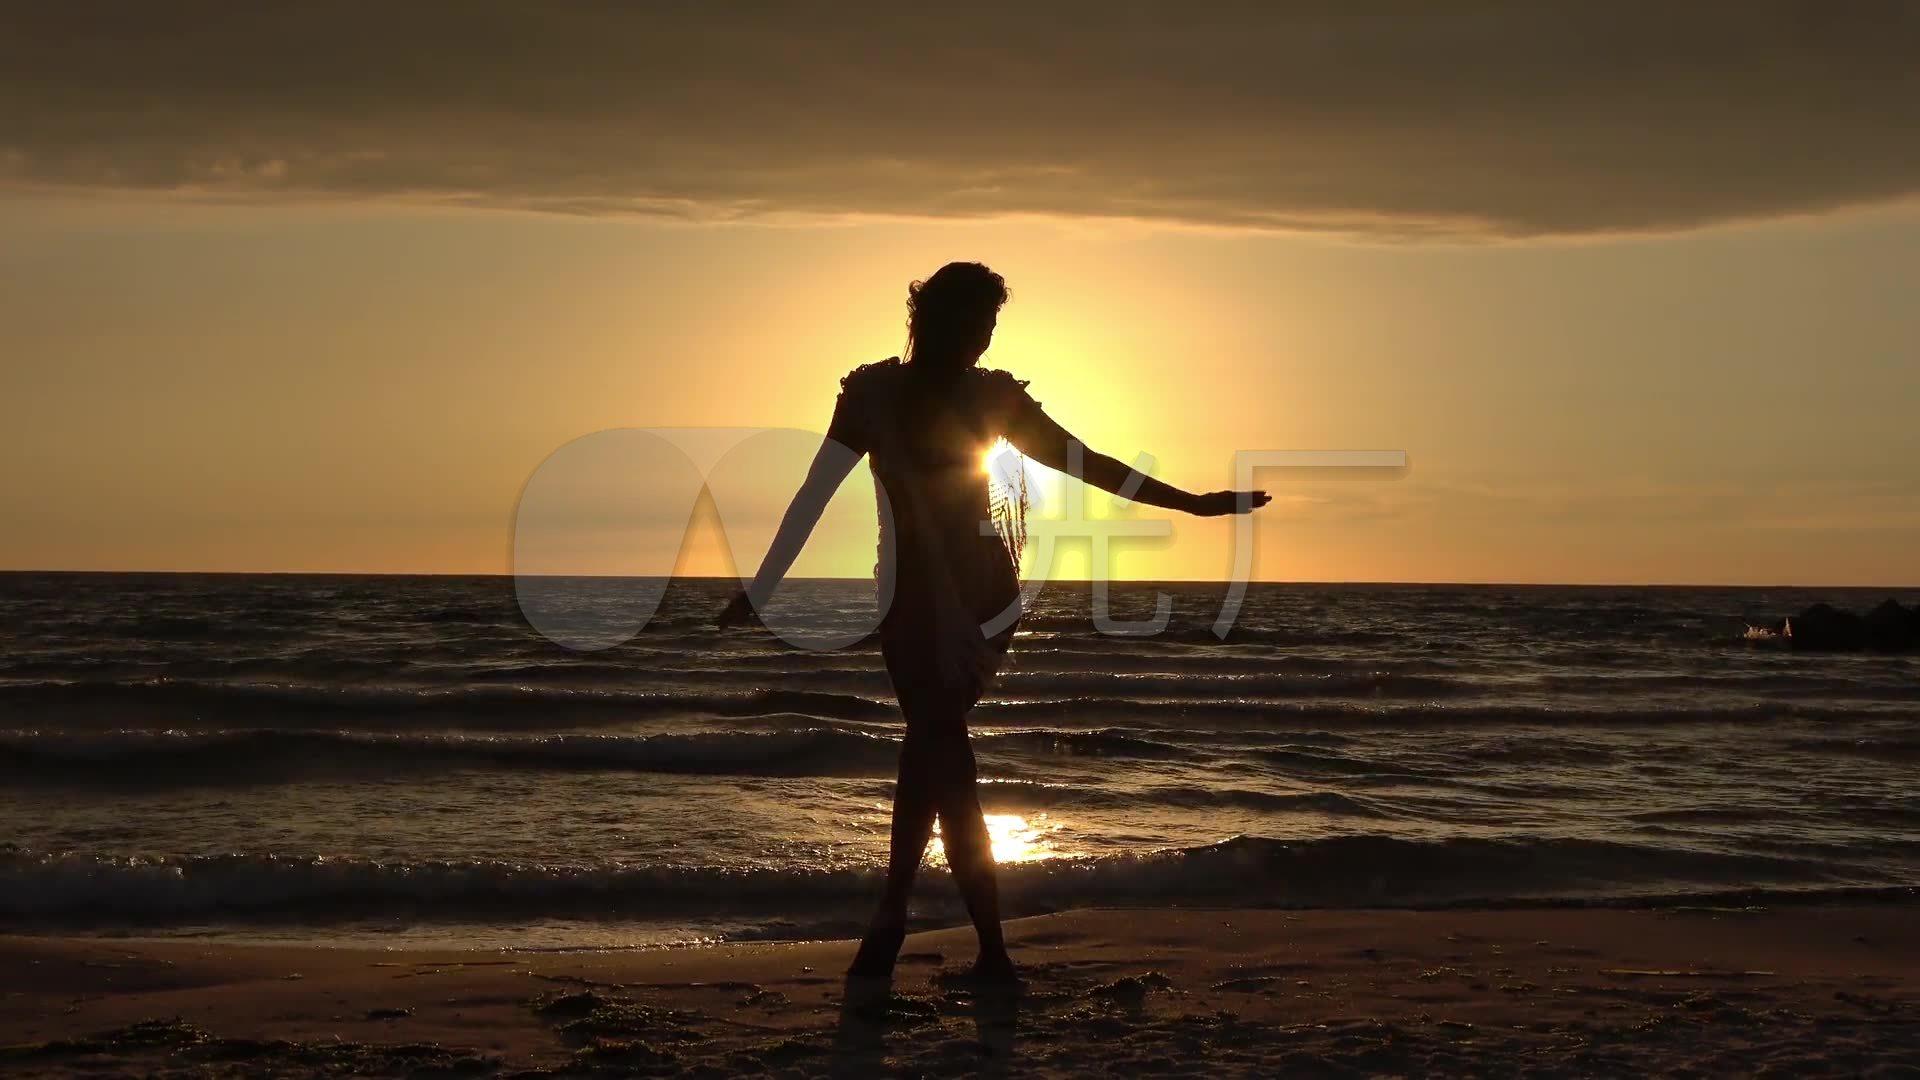 黄昏 落日下 海边 唯美 美女 背影 舞蹈